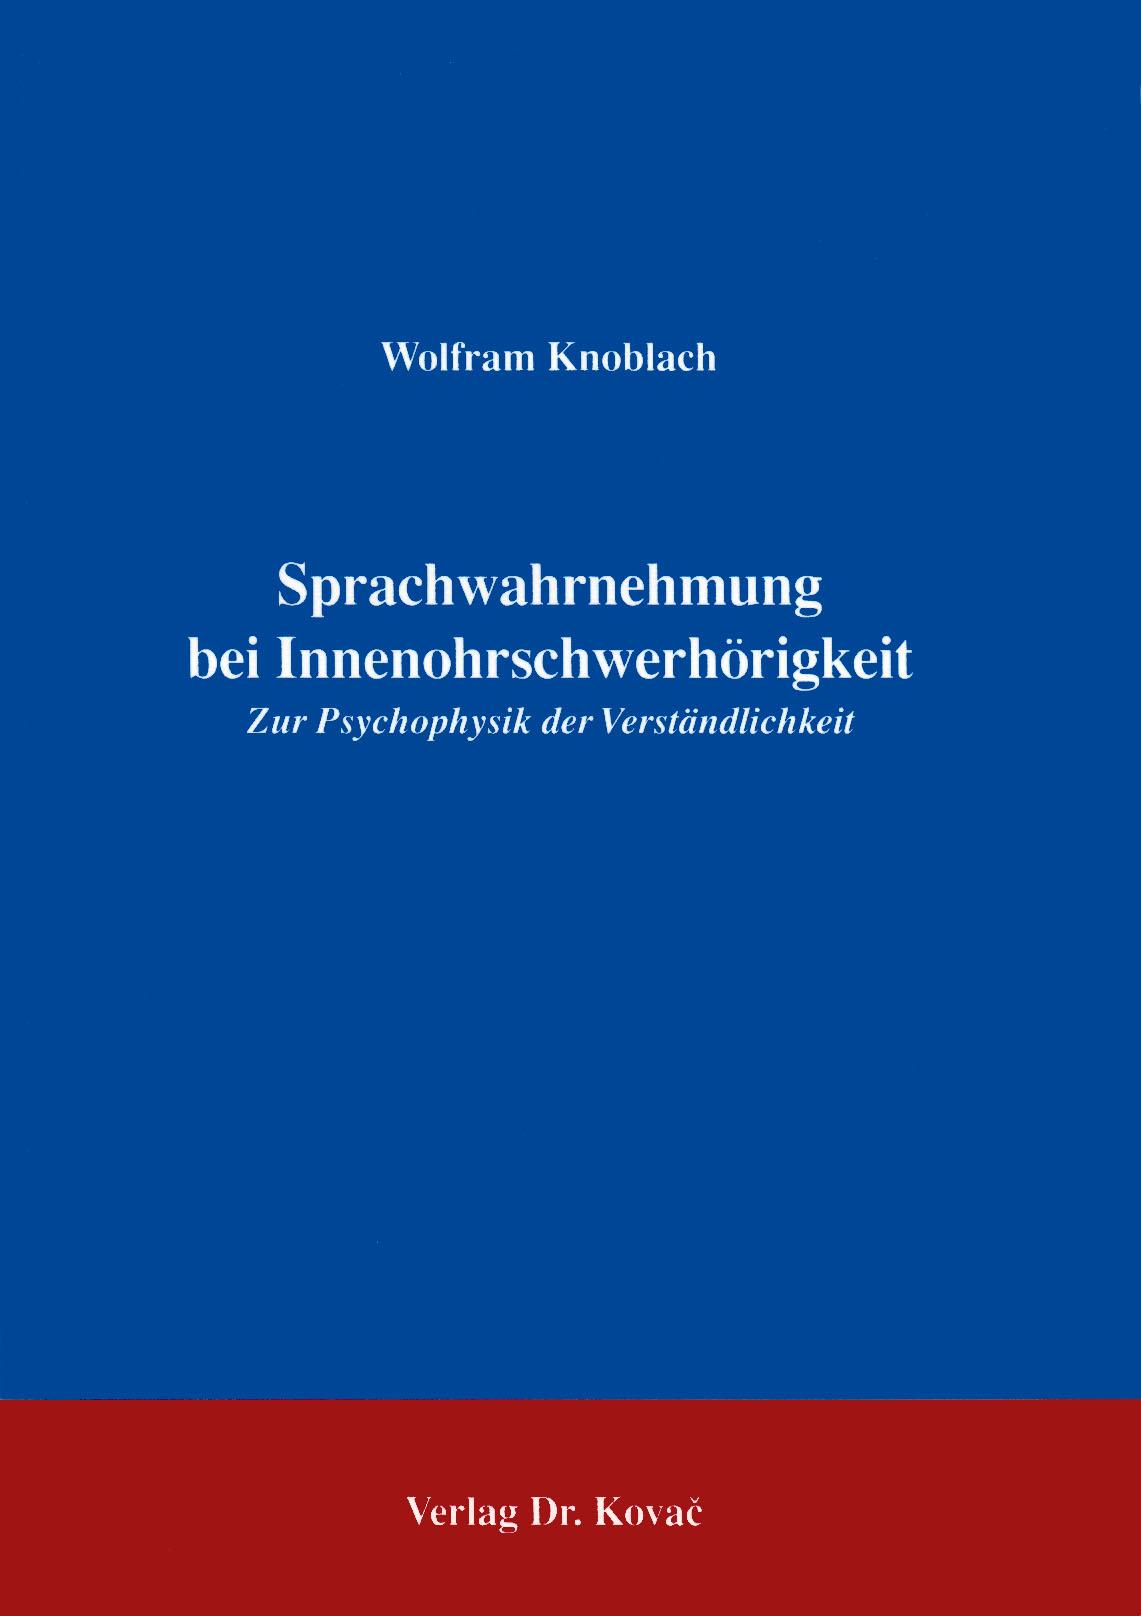 Cover: Sprachwahrnehmung bei Innenohrschwerhörigkeit